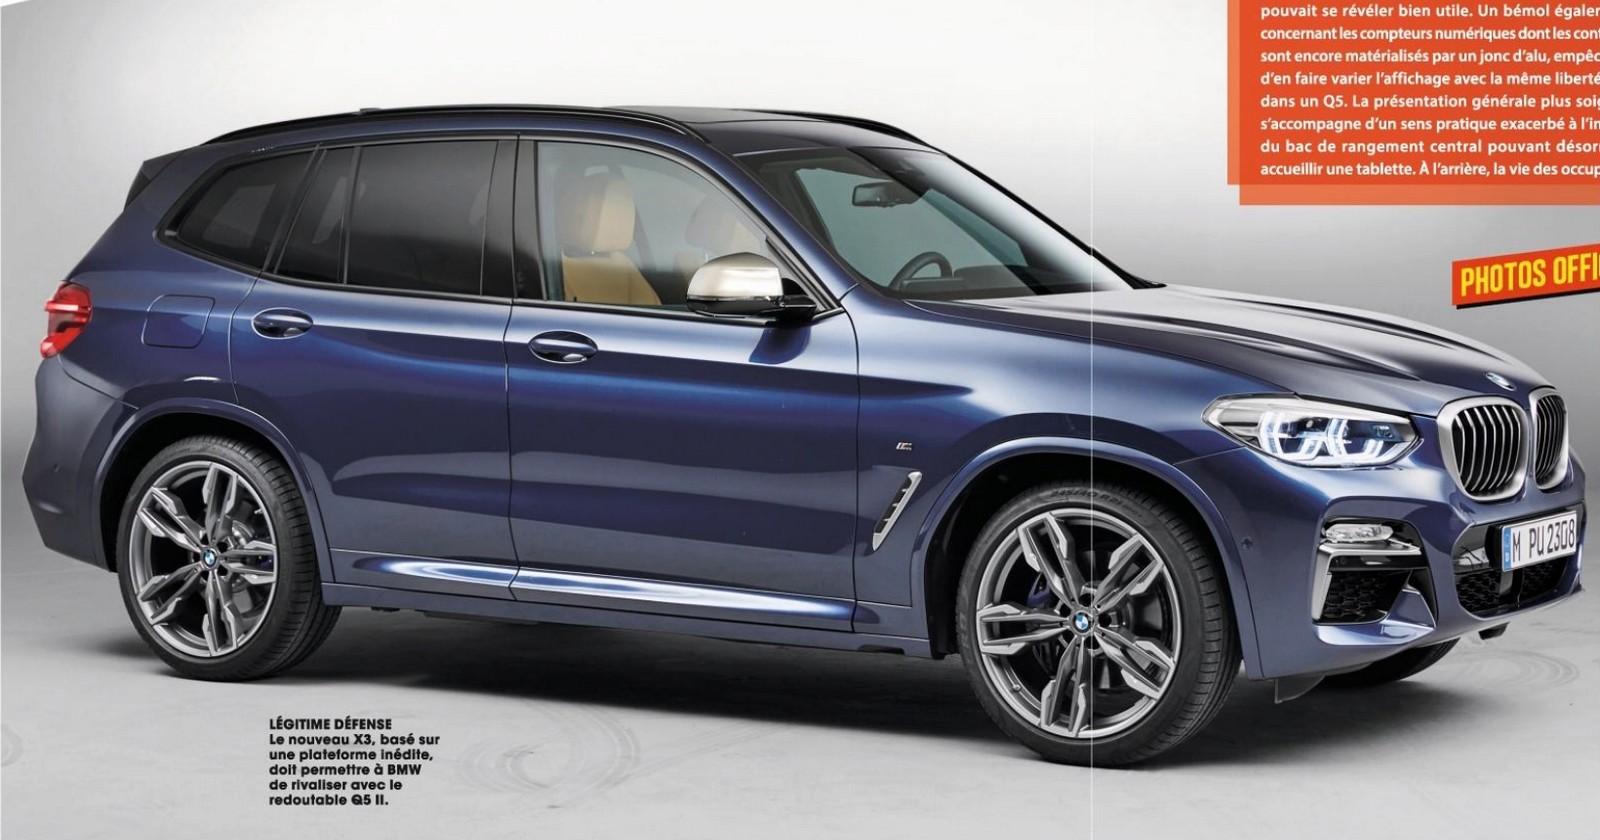 2016 - [BMW] X3 [G01] - Page 6 X310